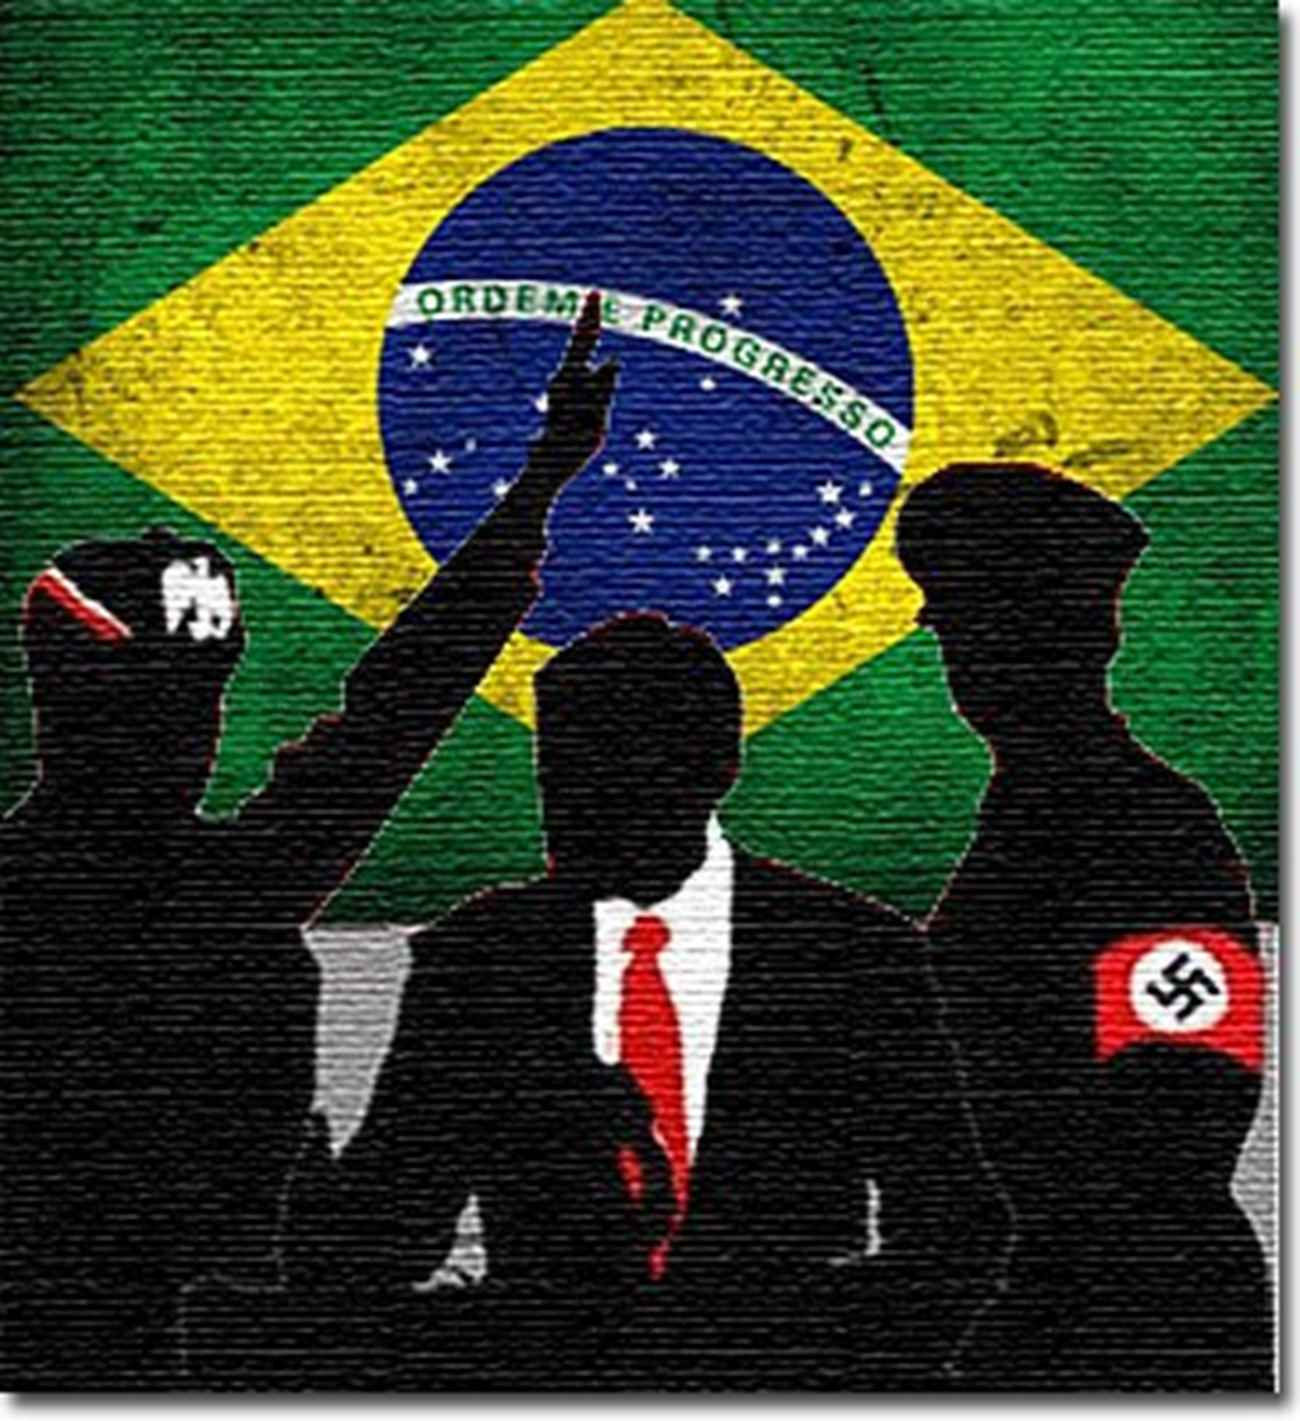 Vozes da Esquerda: O fascismo de hoje se disfarça de